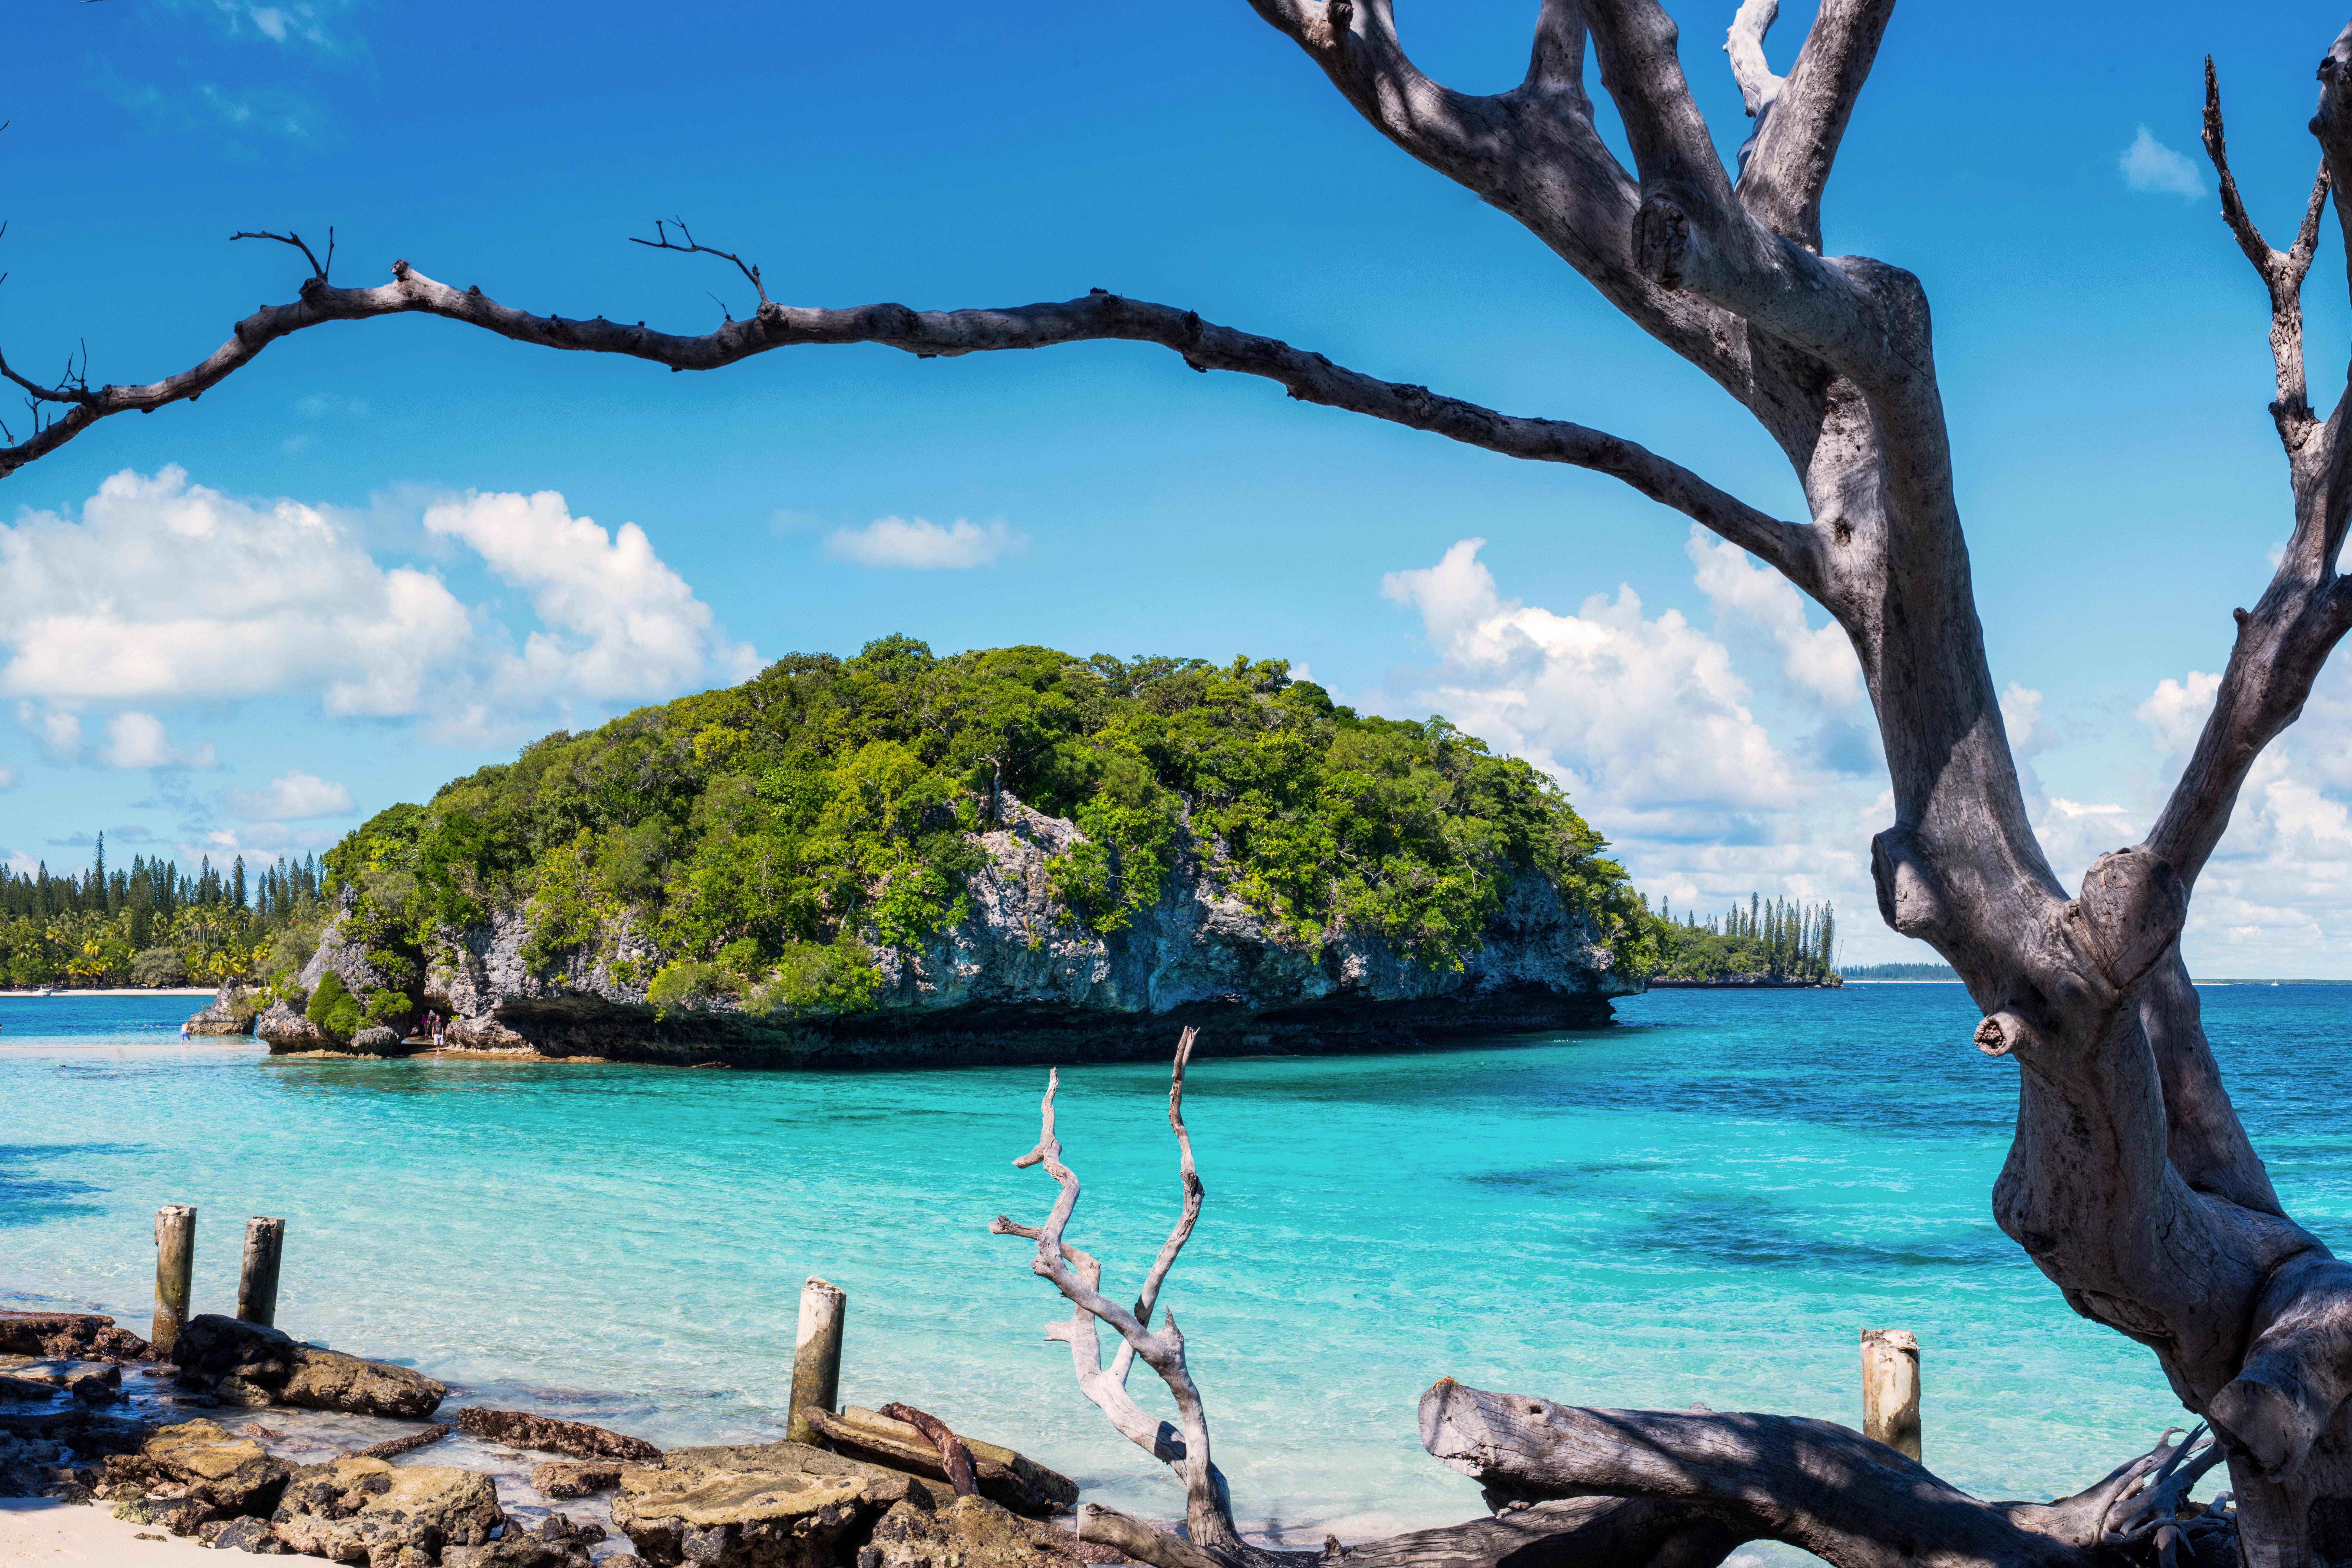 Isle of Pines, Vanuatu8.1